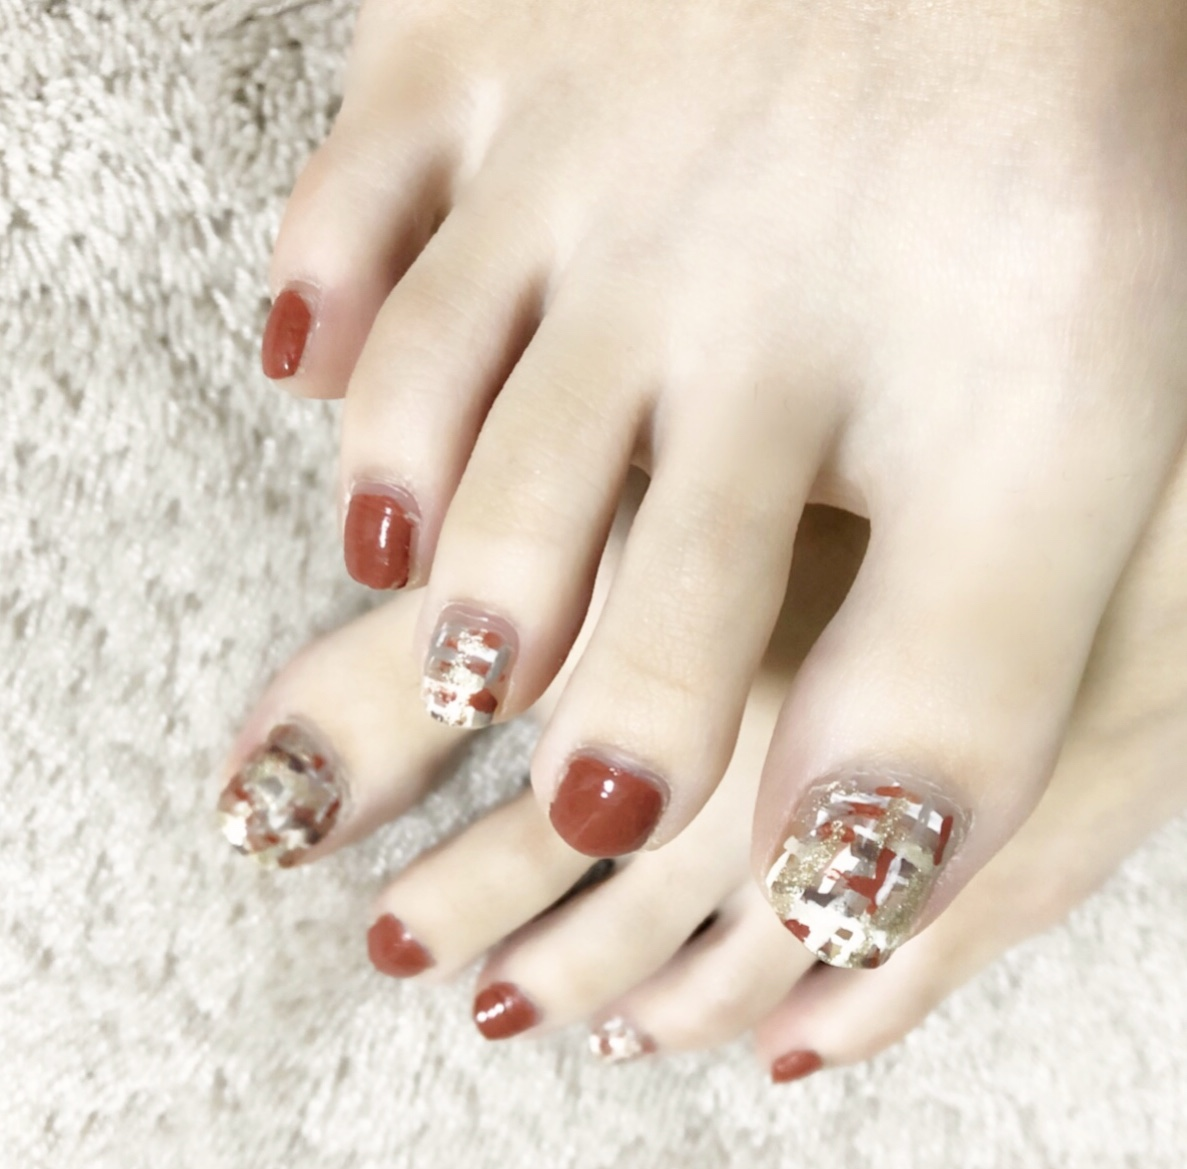 【夏ネイル・マニキュア】プチプラの定番《nail holic》で簡単褒められフットネイル♡_2